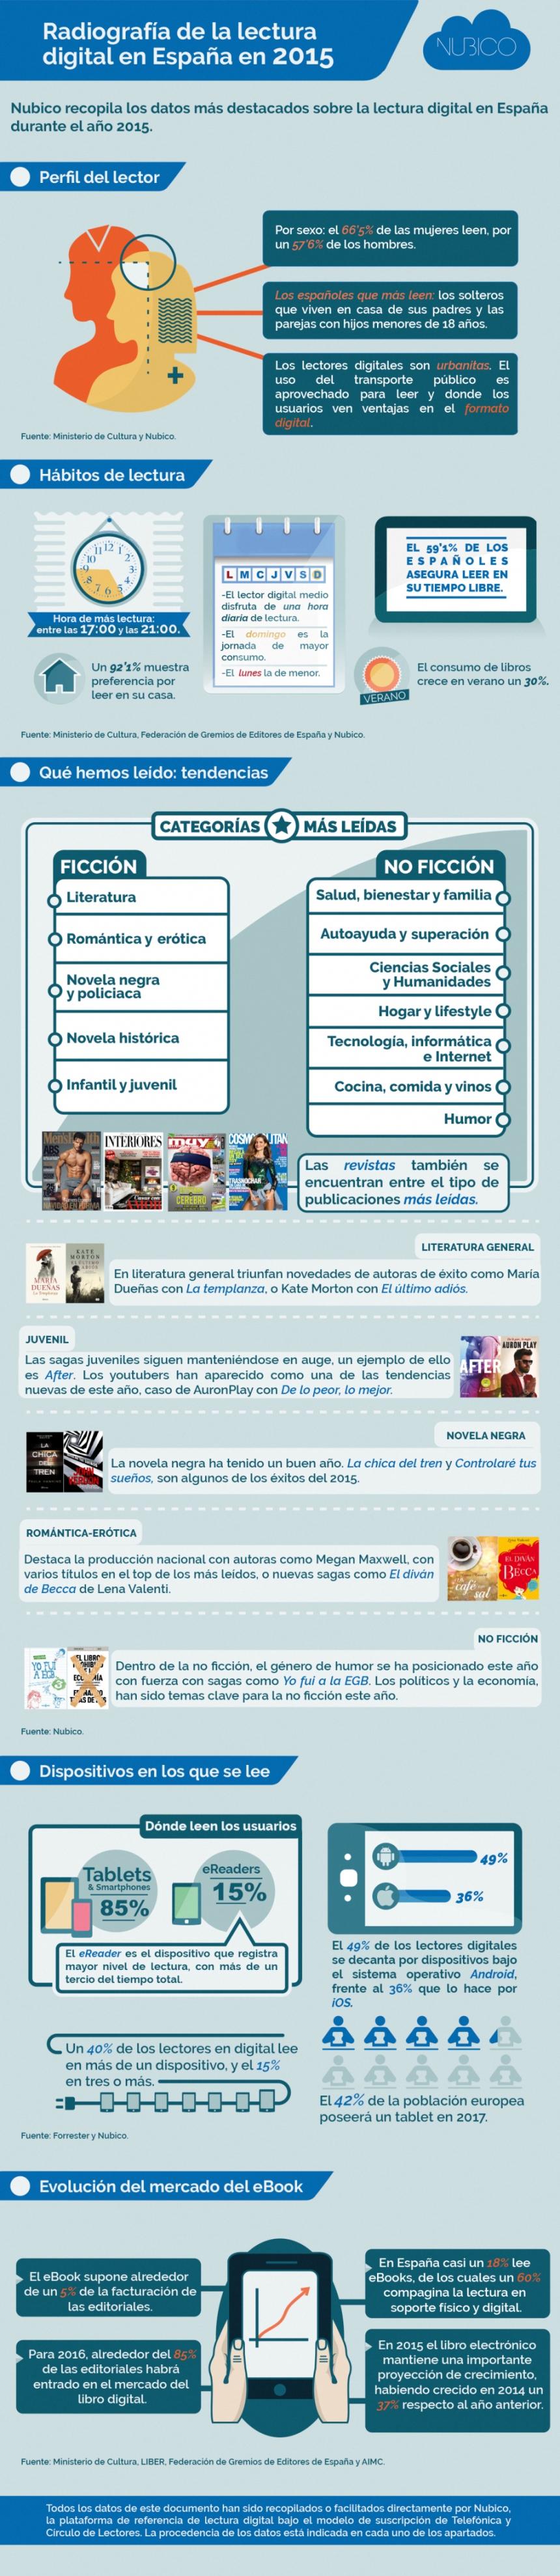 Radiografía de la lectura digital en España 2015